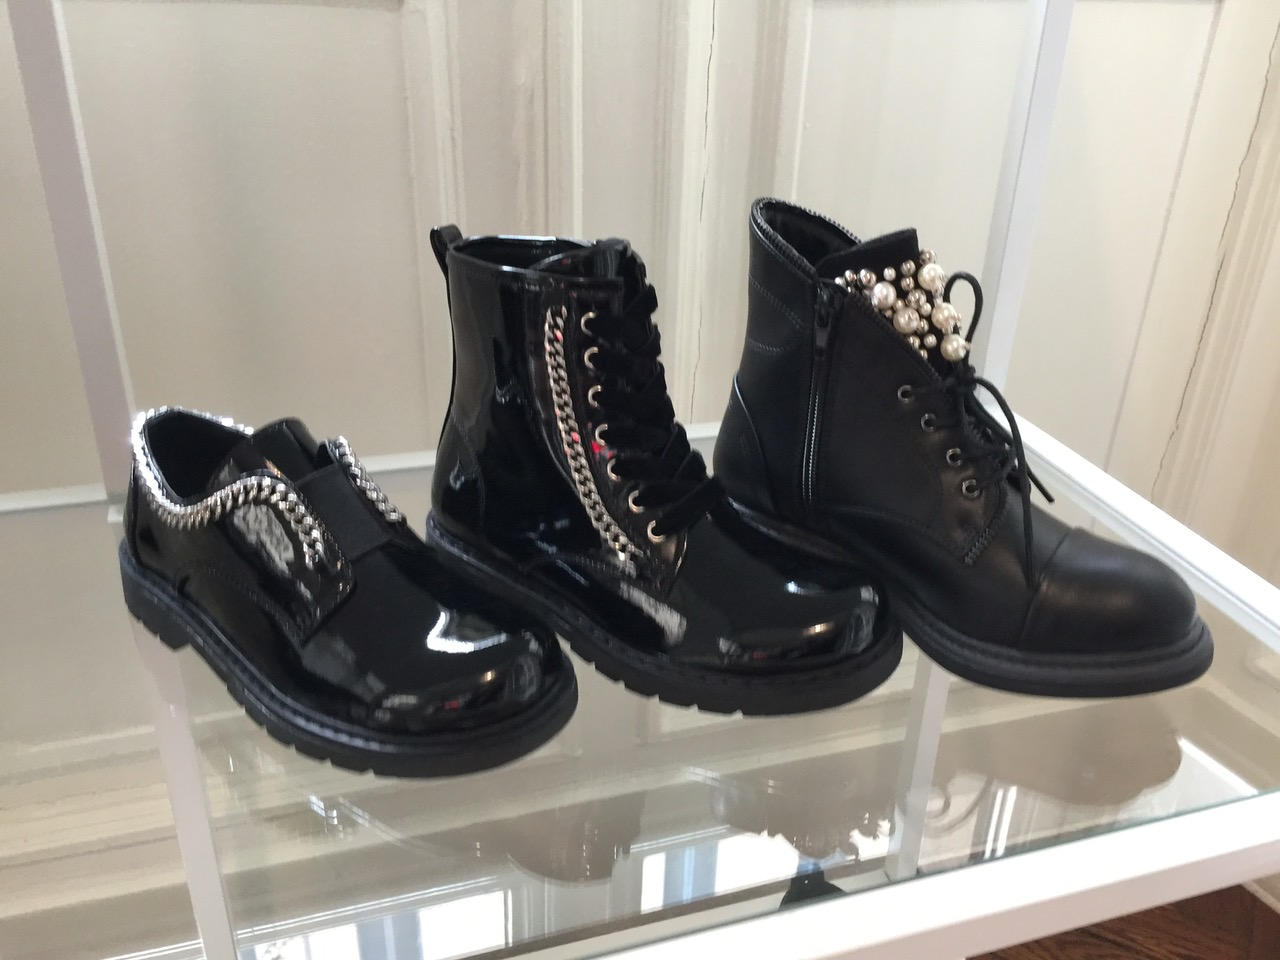 Bata scarpe, catalogo invernale 2018 2019. Nuovi modelli e